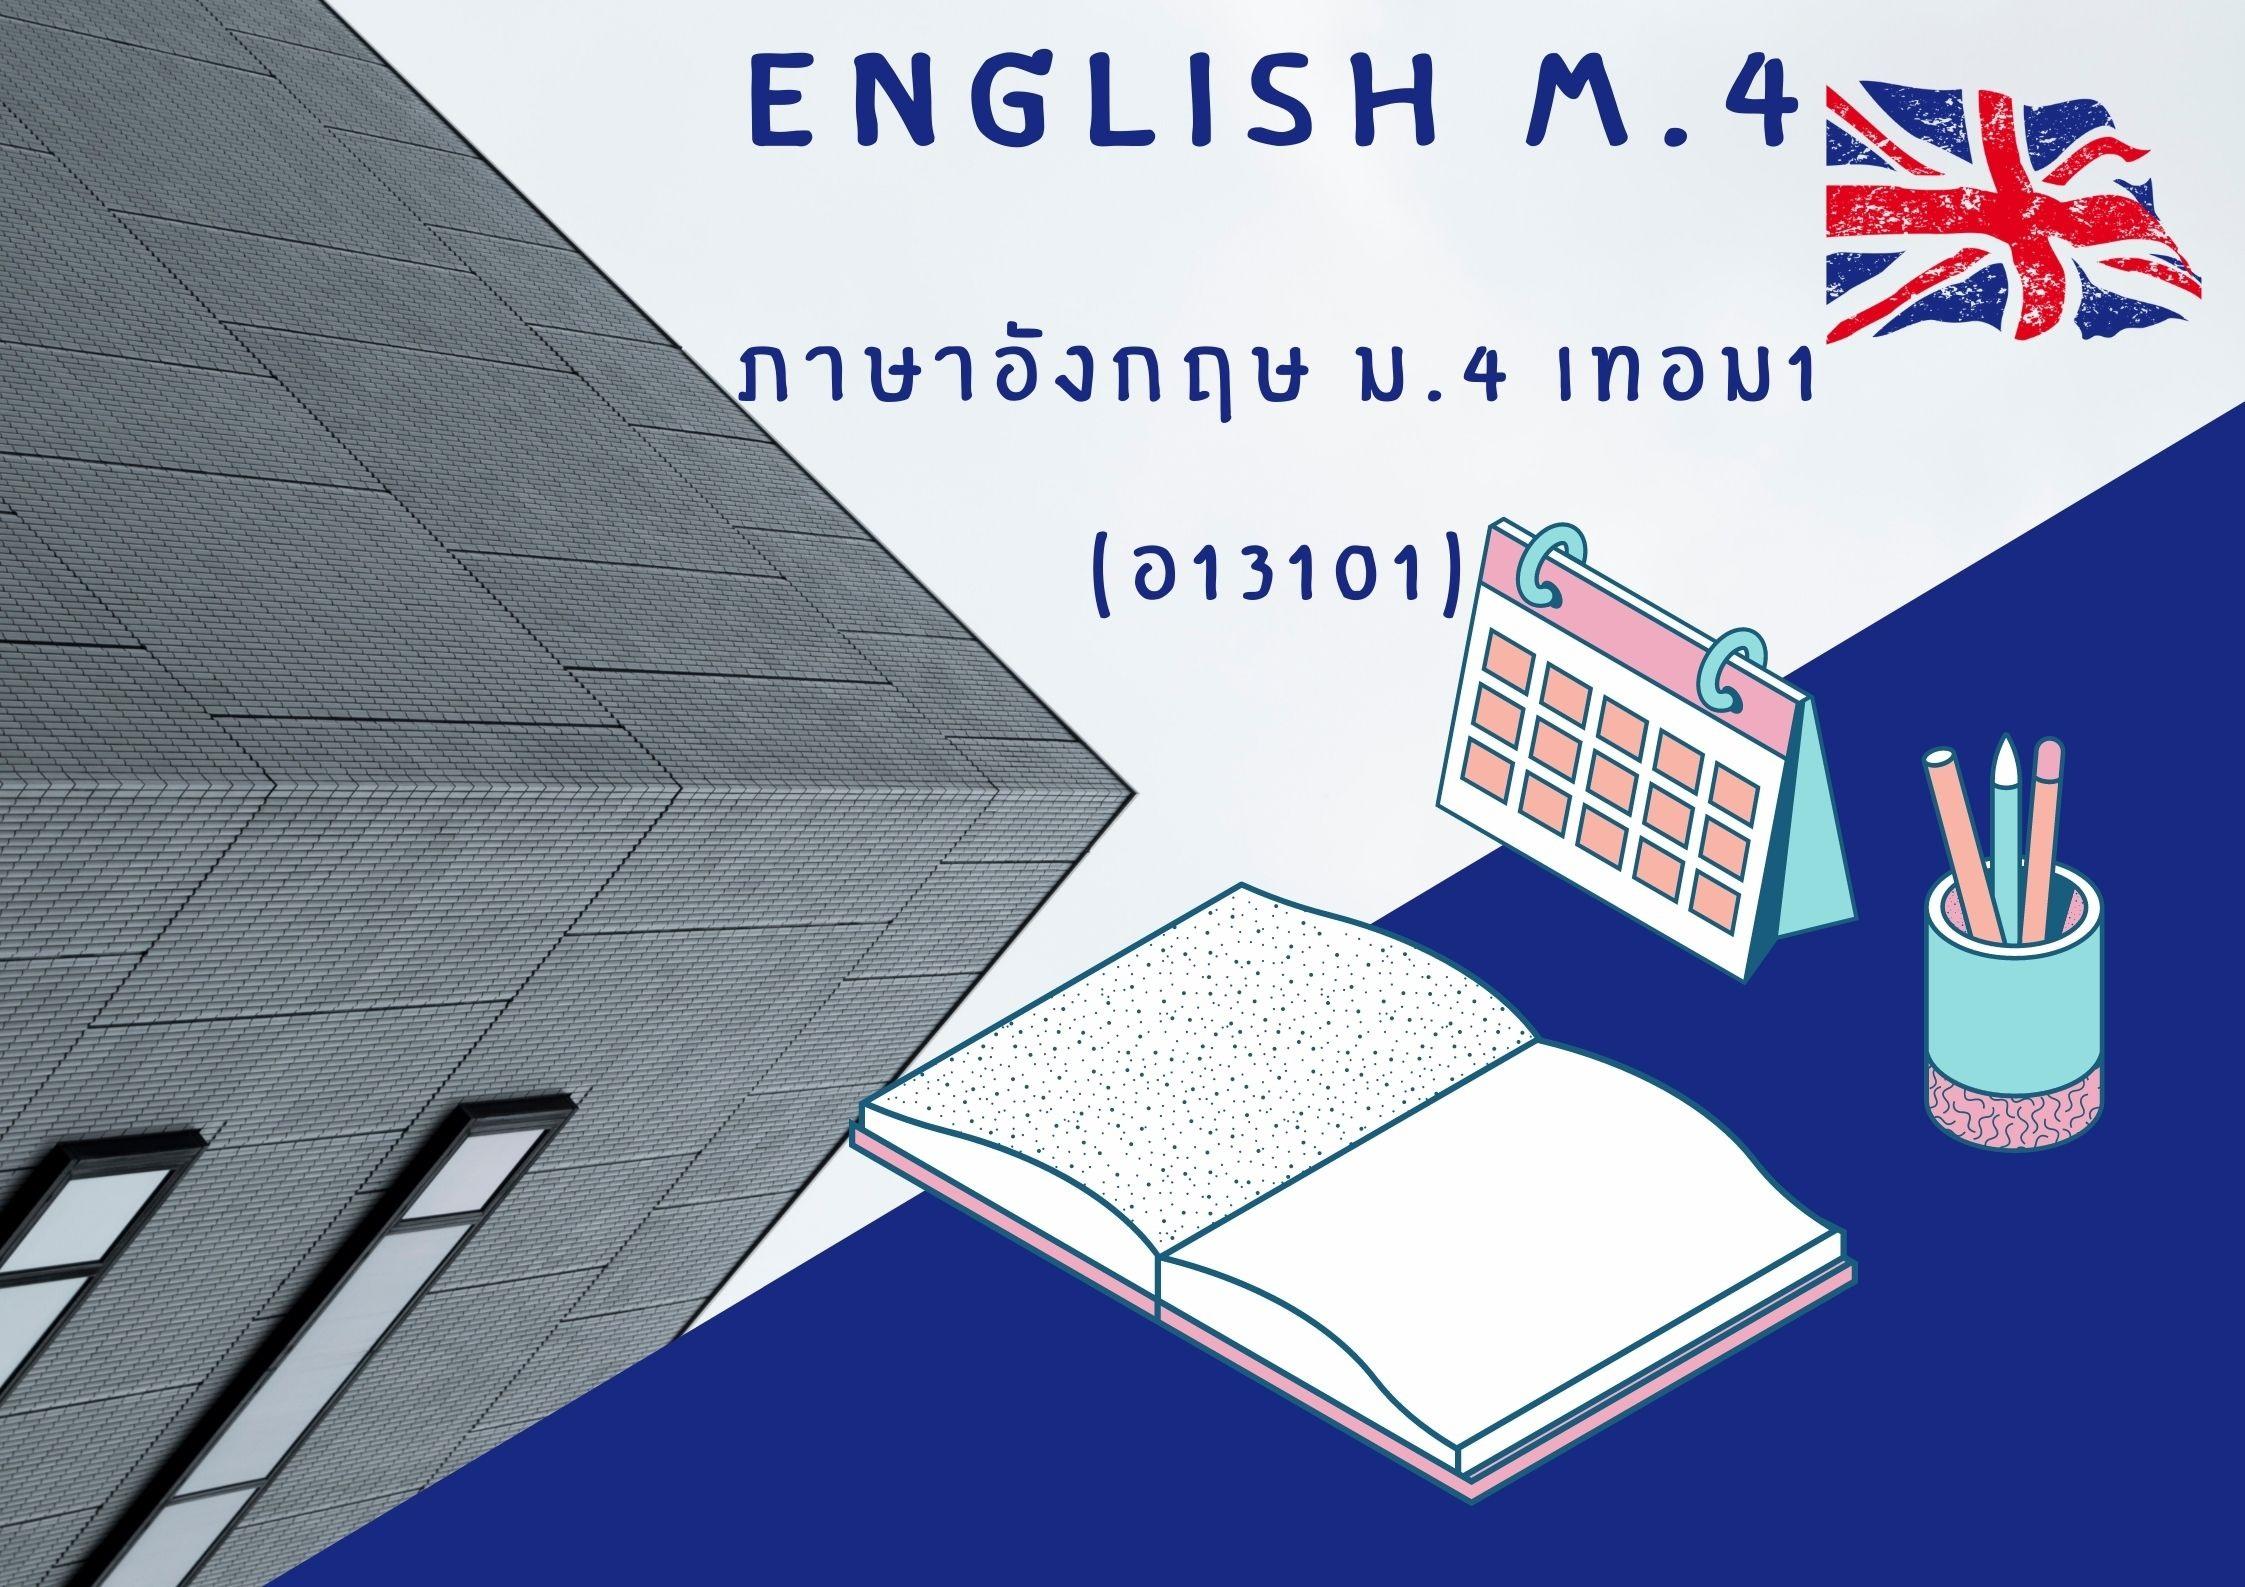 ภาษาอังกฤษพื้นฐาน ม.4 (เทอม1)